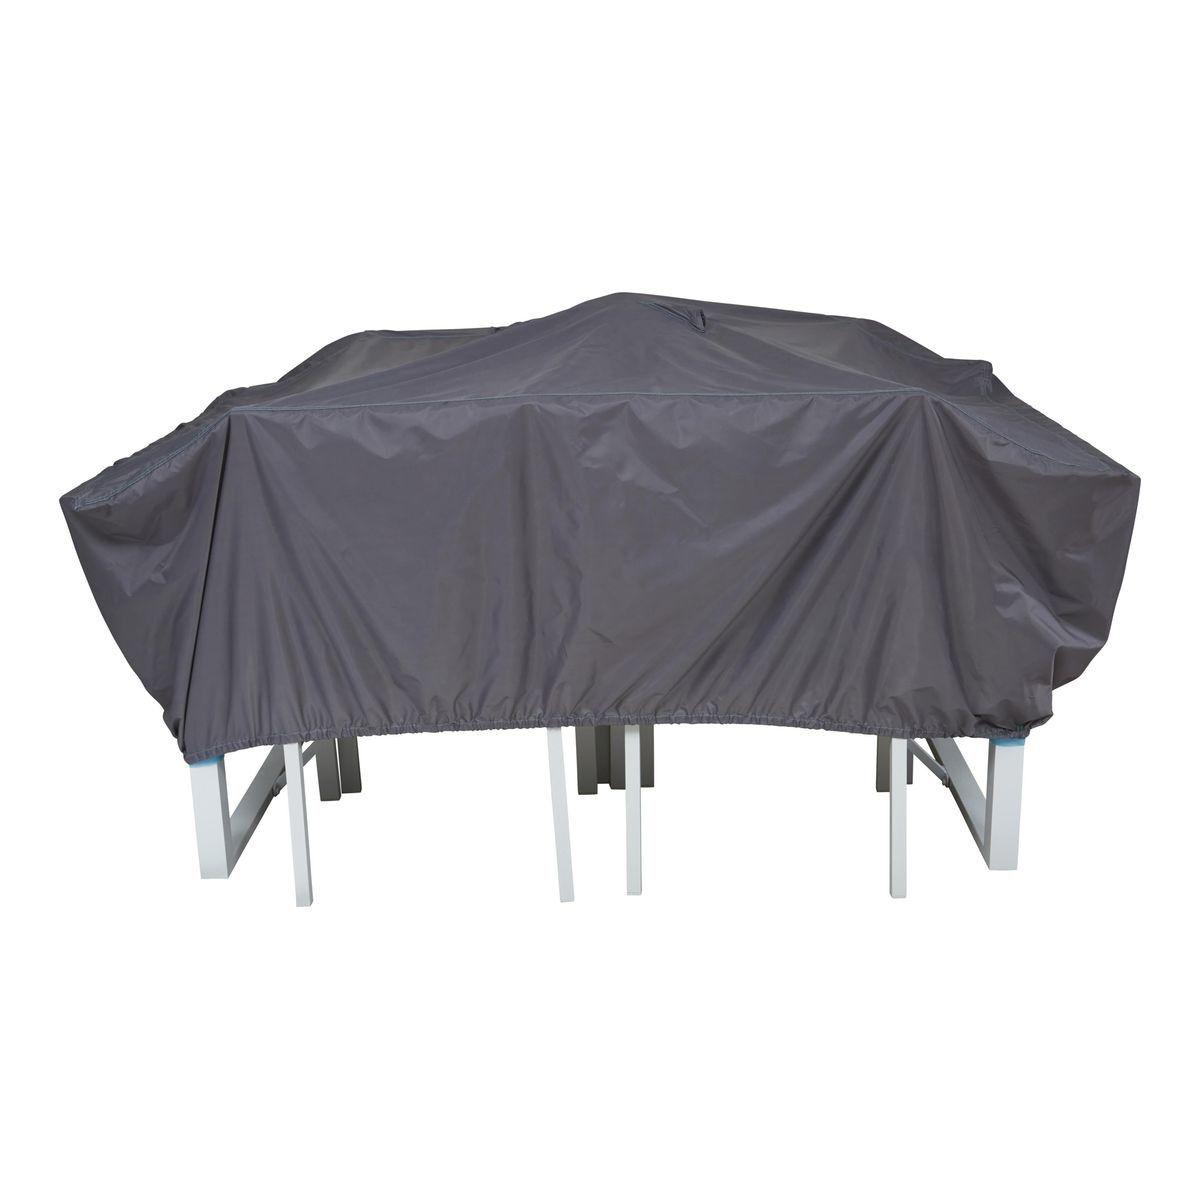 Housse De Protection Table De Jardin 180 X 110 Cm Cov Up Table